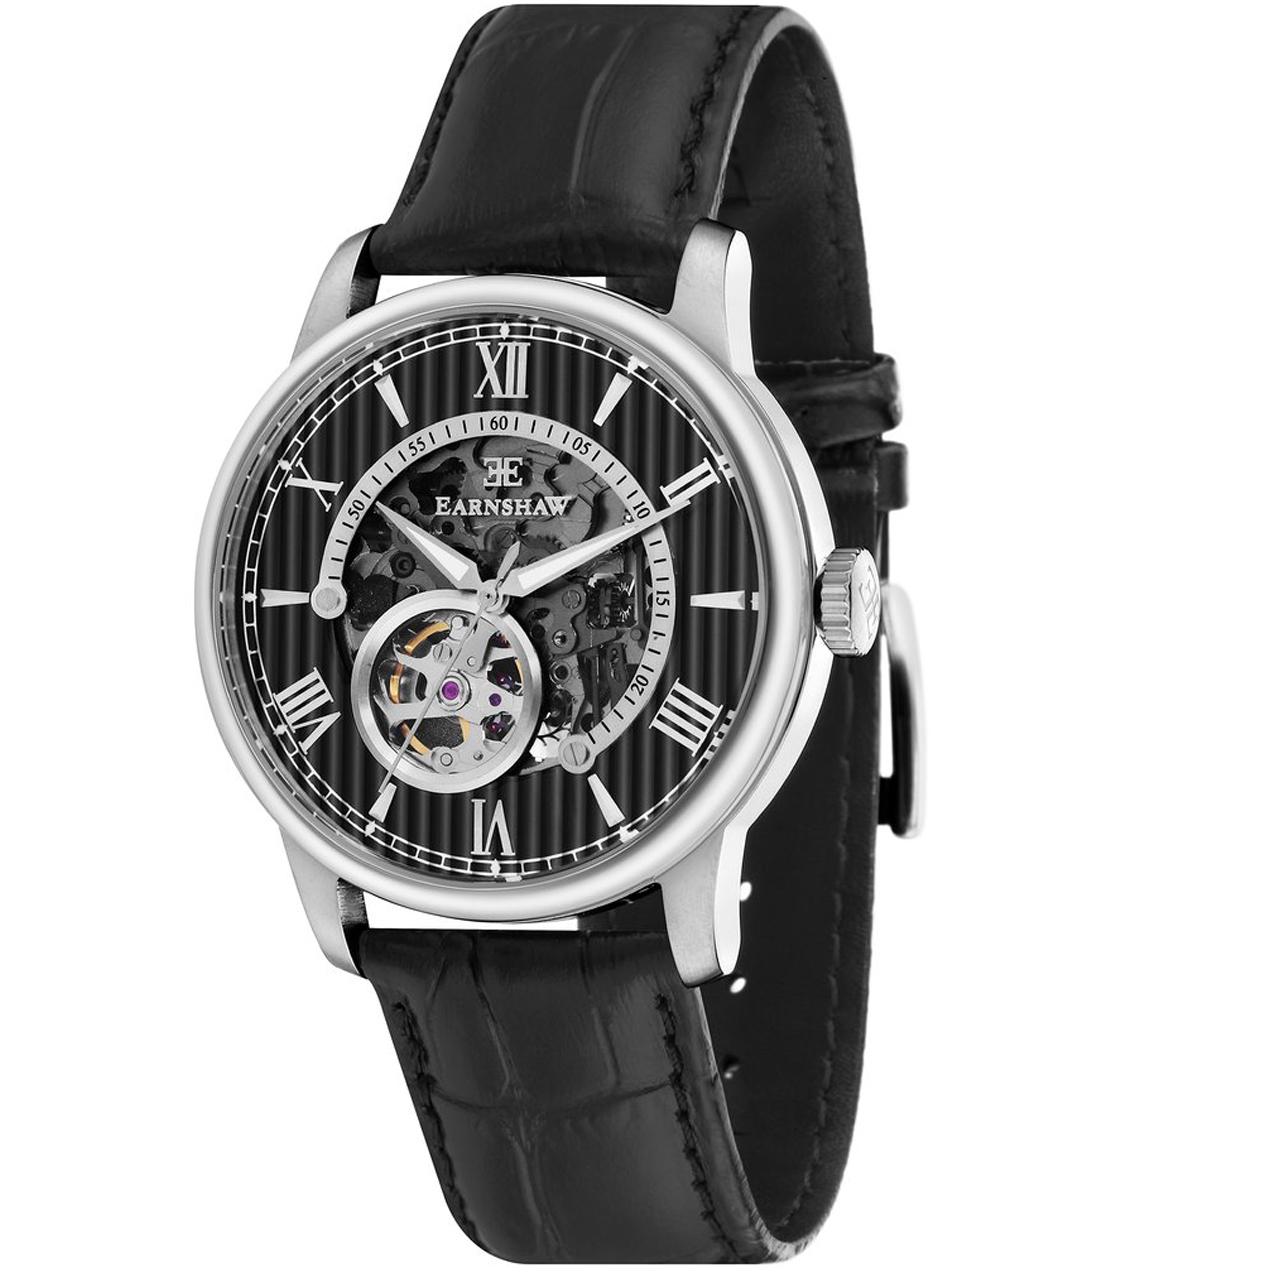 ساعت مچی عقربه ای مردانه ارنشا مدل ES-8802-01 13